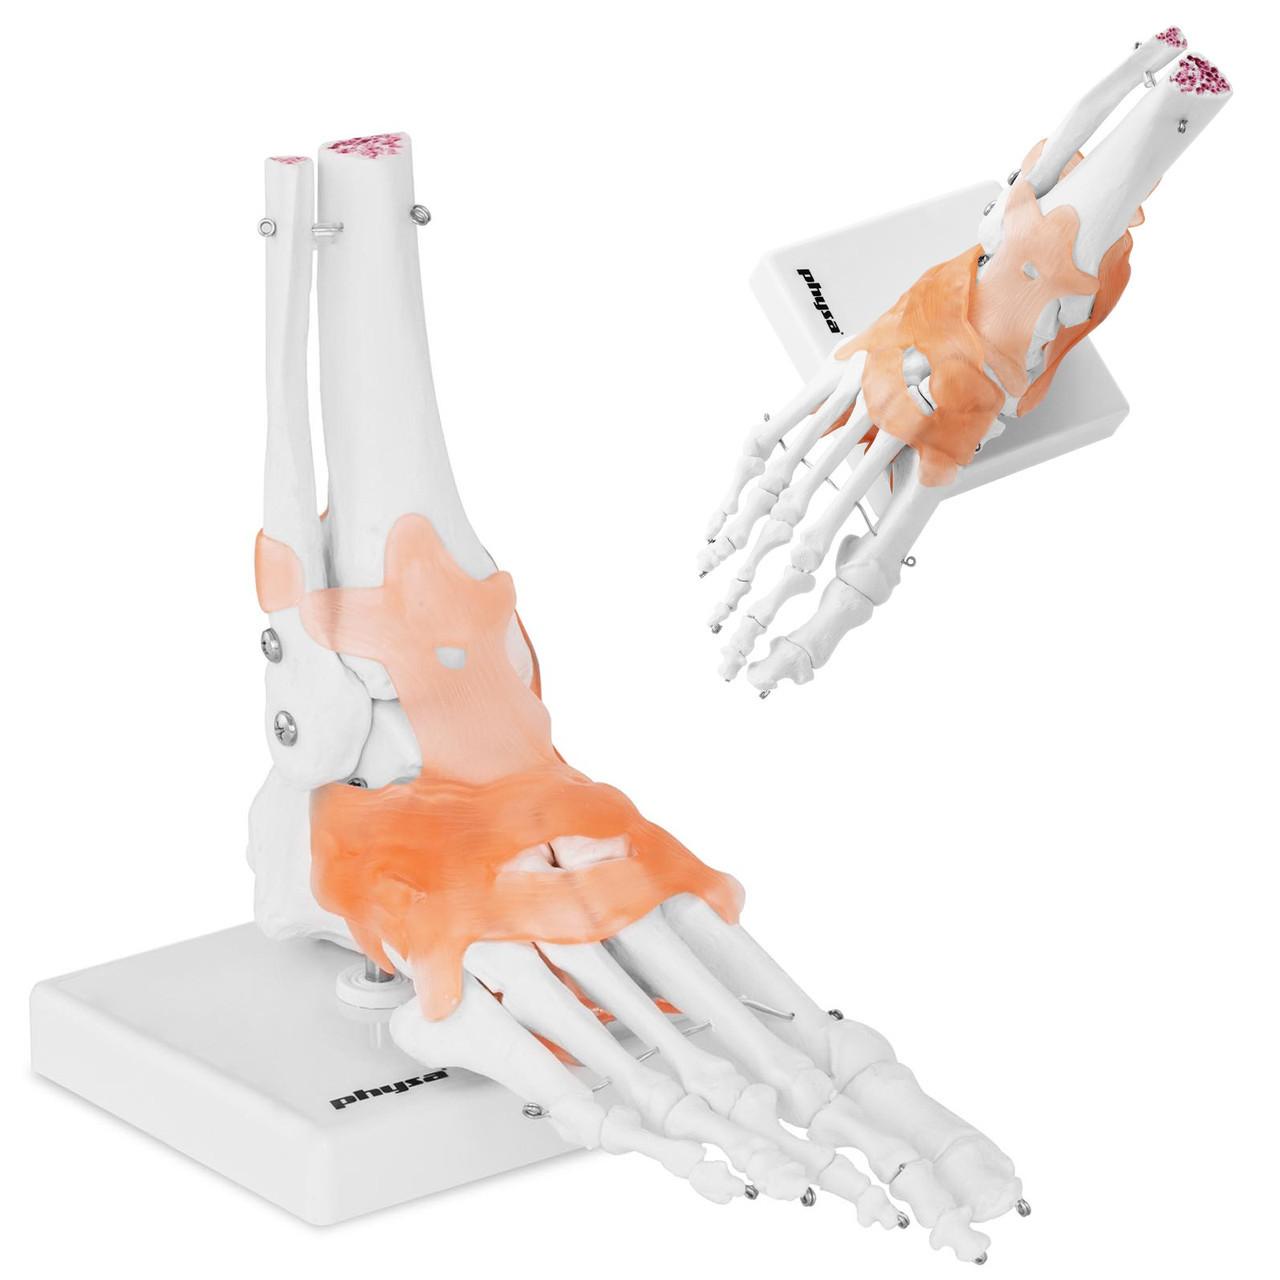 Анатомічні моделі гомілковостопних зв'язок в масштабі 1: 1 (Стопа)